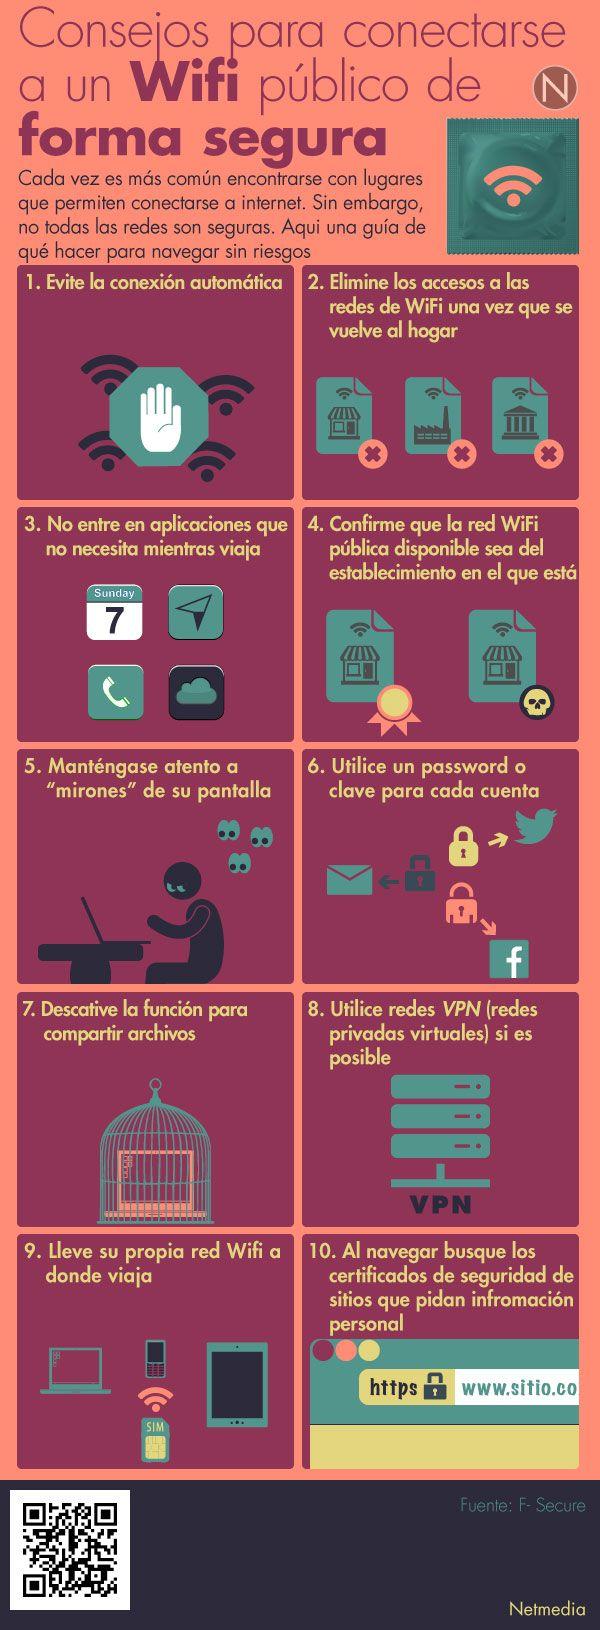 Como usar una WiFi pública de forma segura #infografia